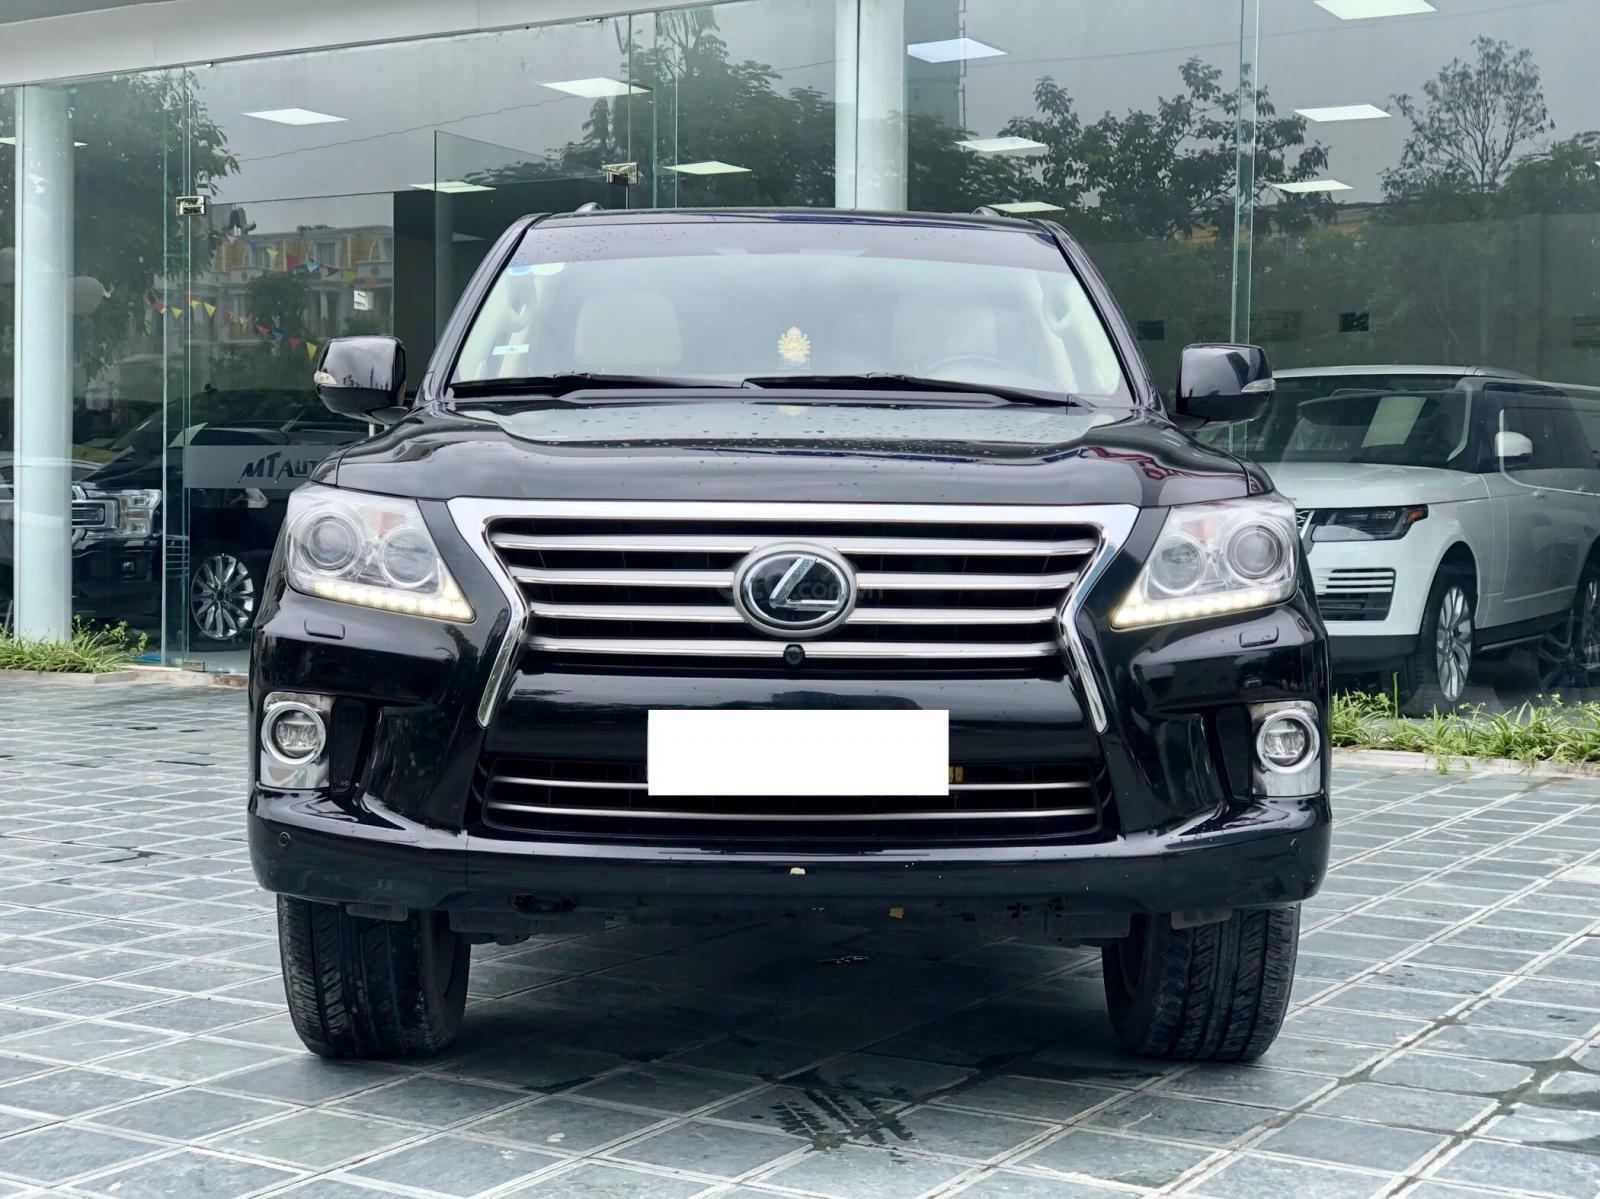 Bán xe Lexus LX 570 đã qua sử dụng SX 2014, màu đen. LH em Hương 0945392468-1